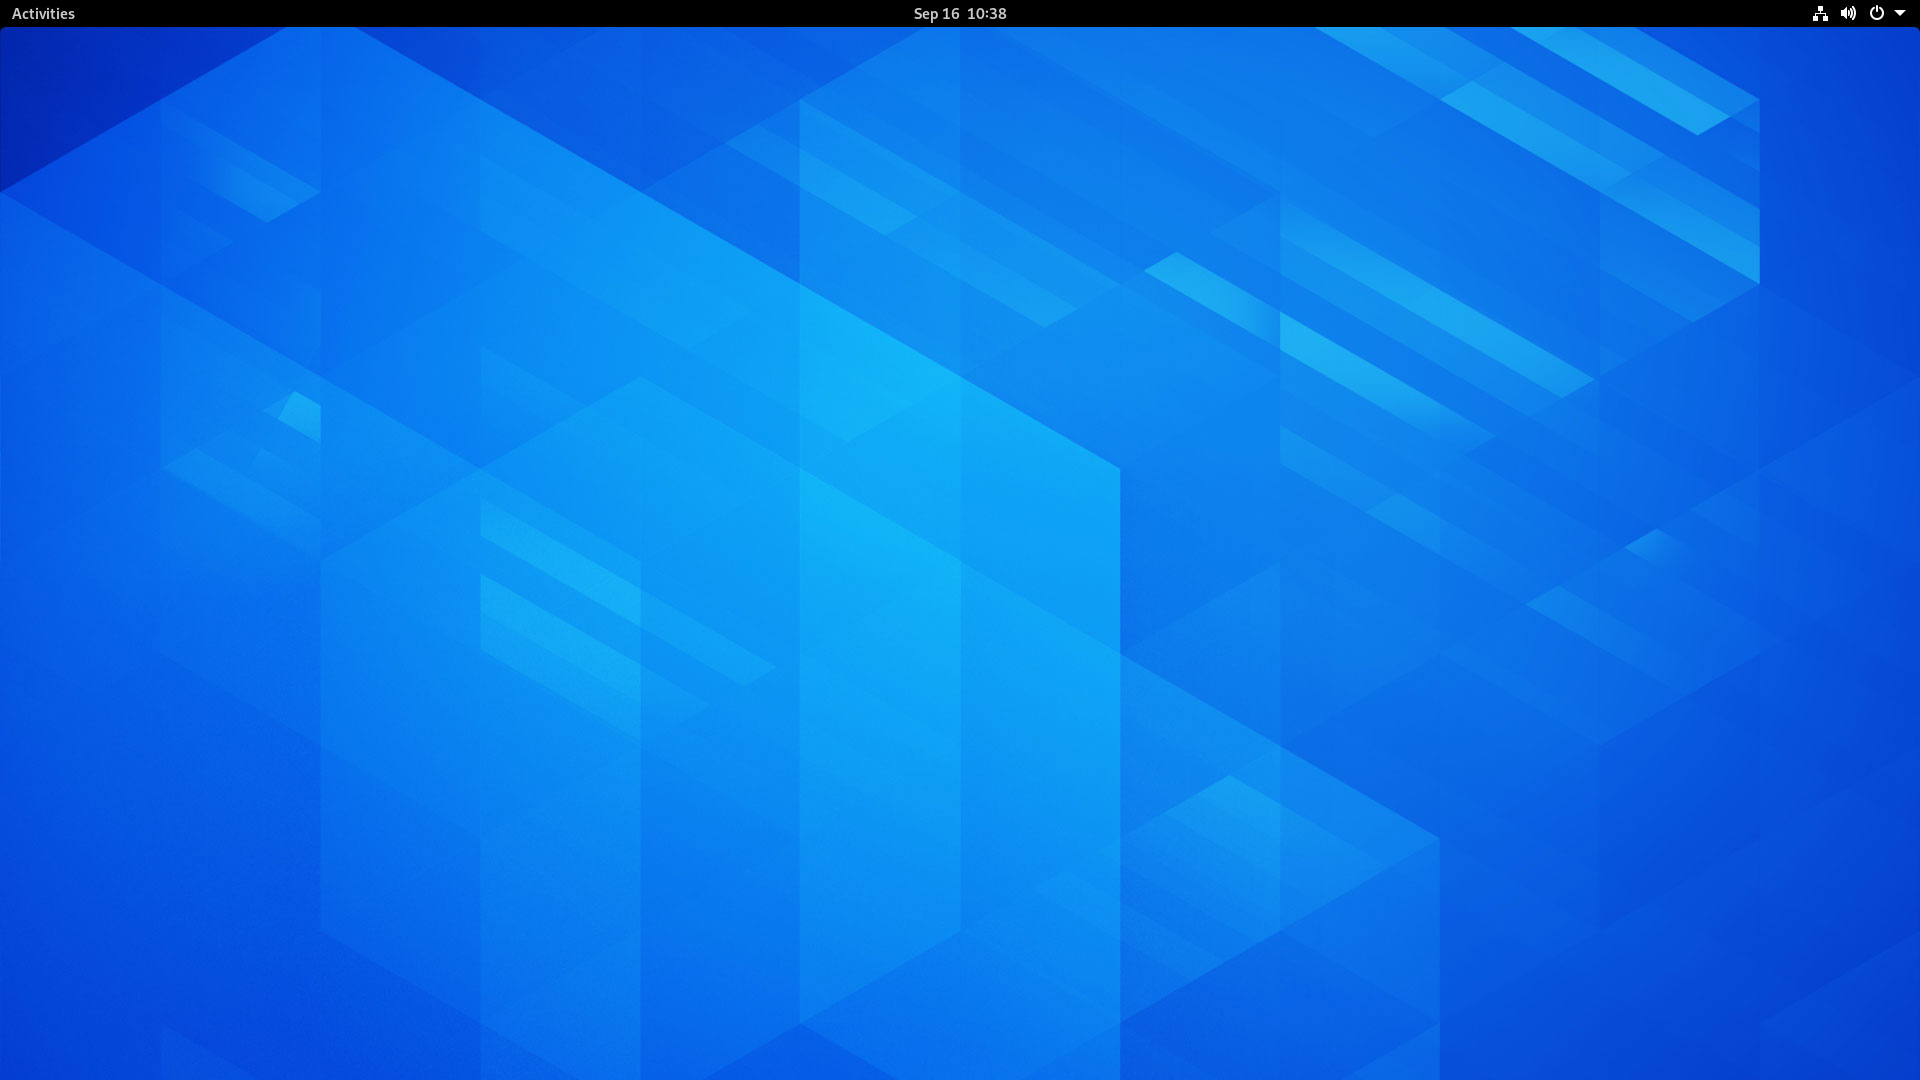 GNOME 3.38 Clean Desktop Screenshot